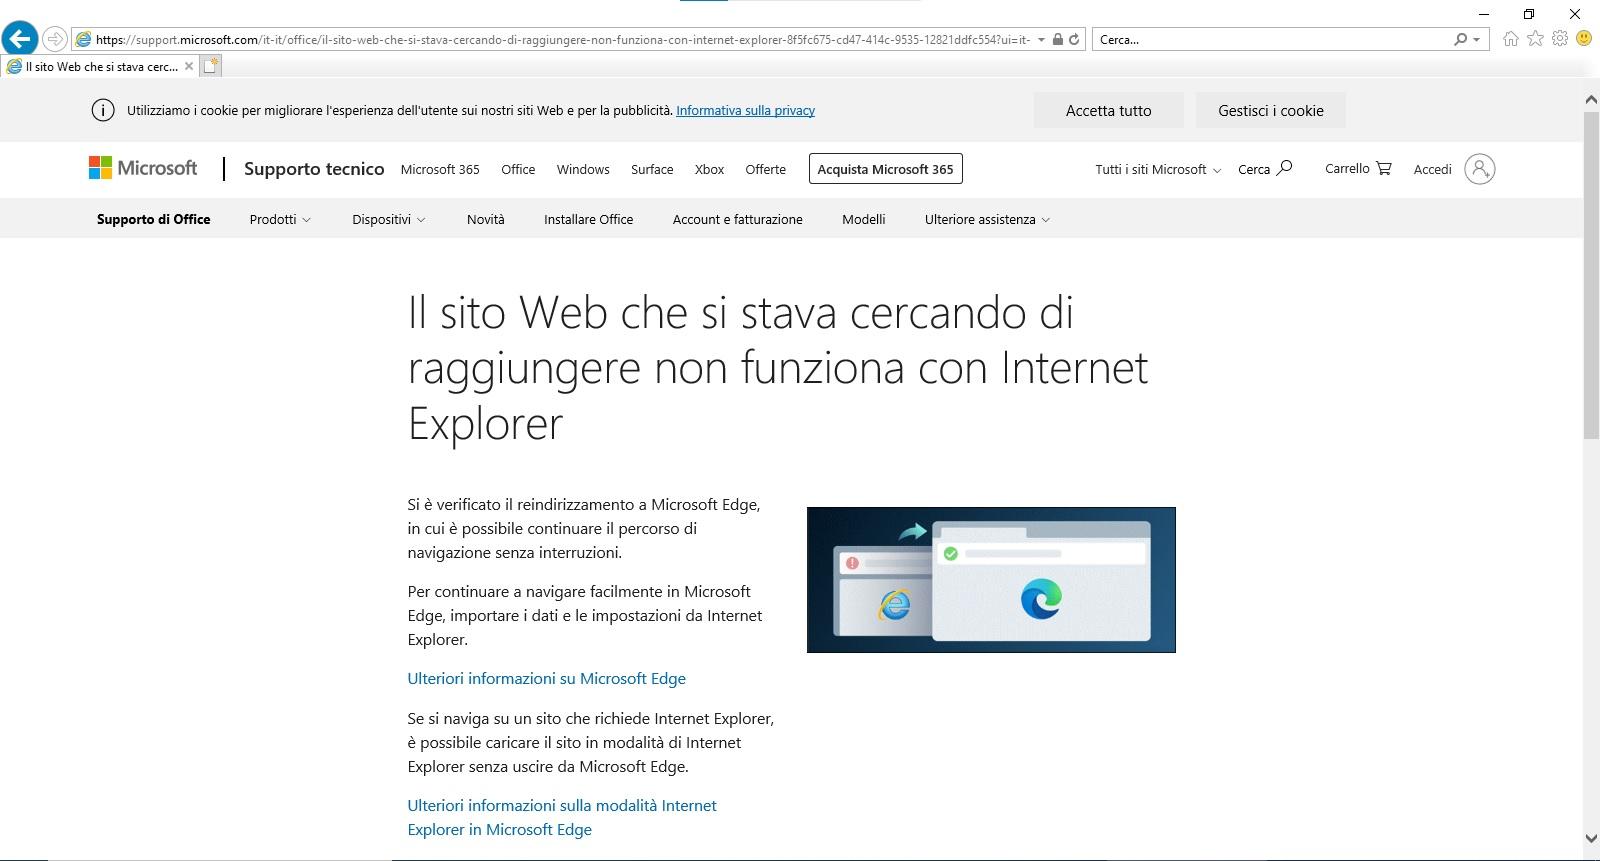 Internet Explorer spingerà gli utenti a utilizzare Microsoft Edge 1